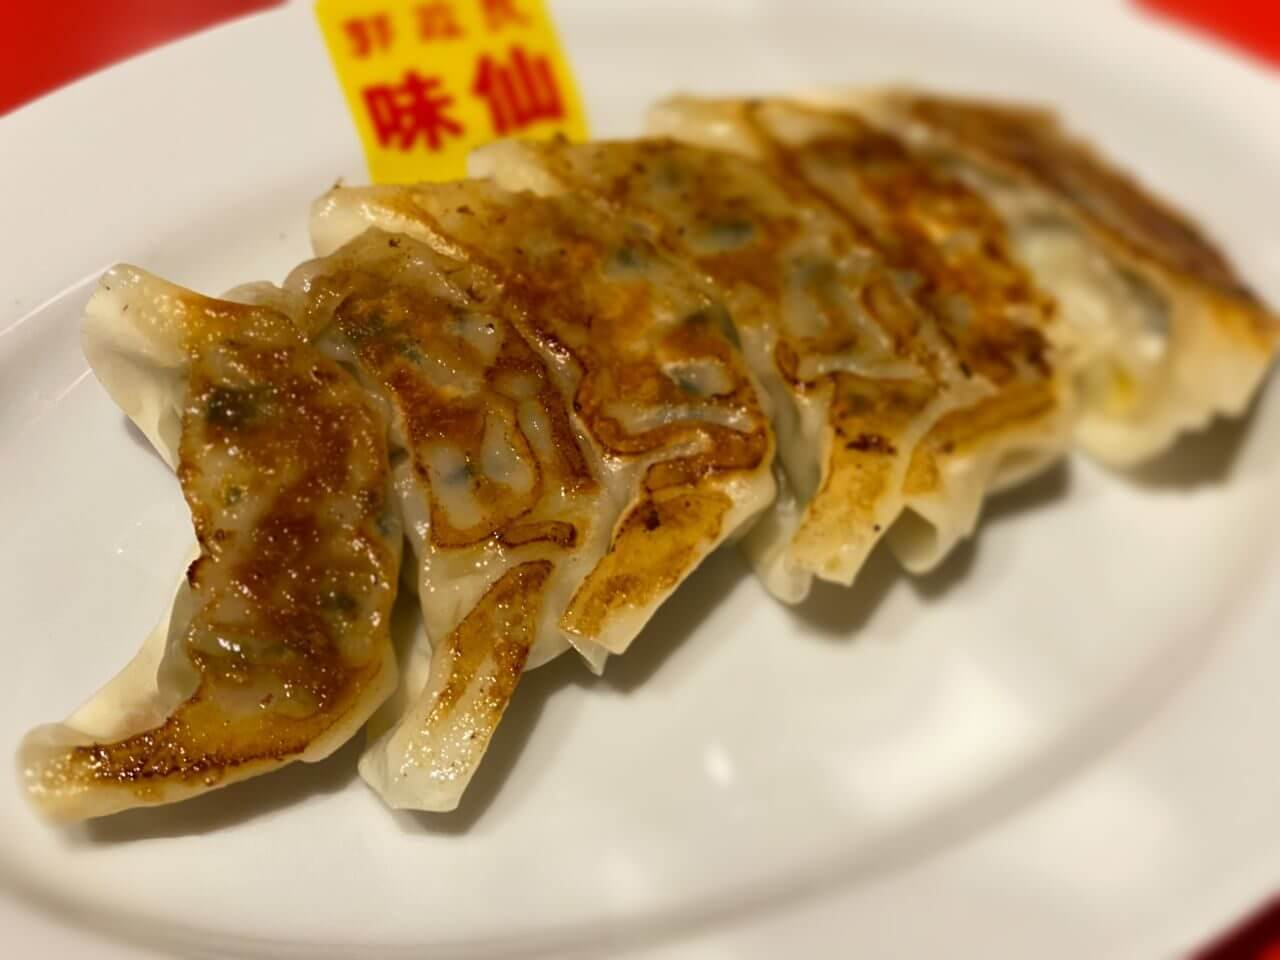 郭 政良 味仙(カク マサヨシ ミセン) 東京神田西口店の餃子